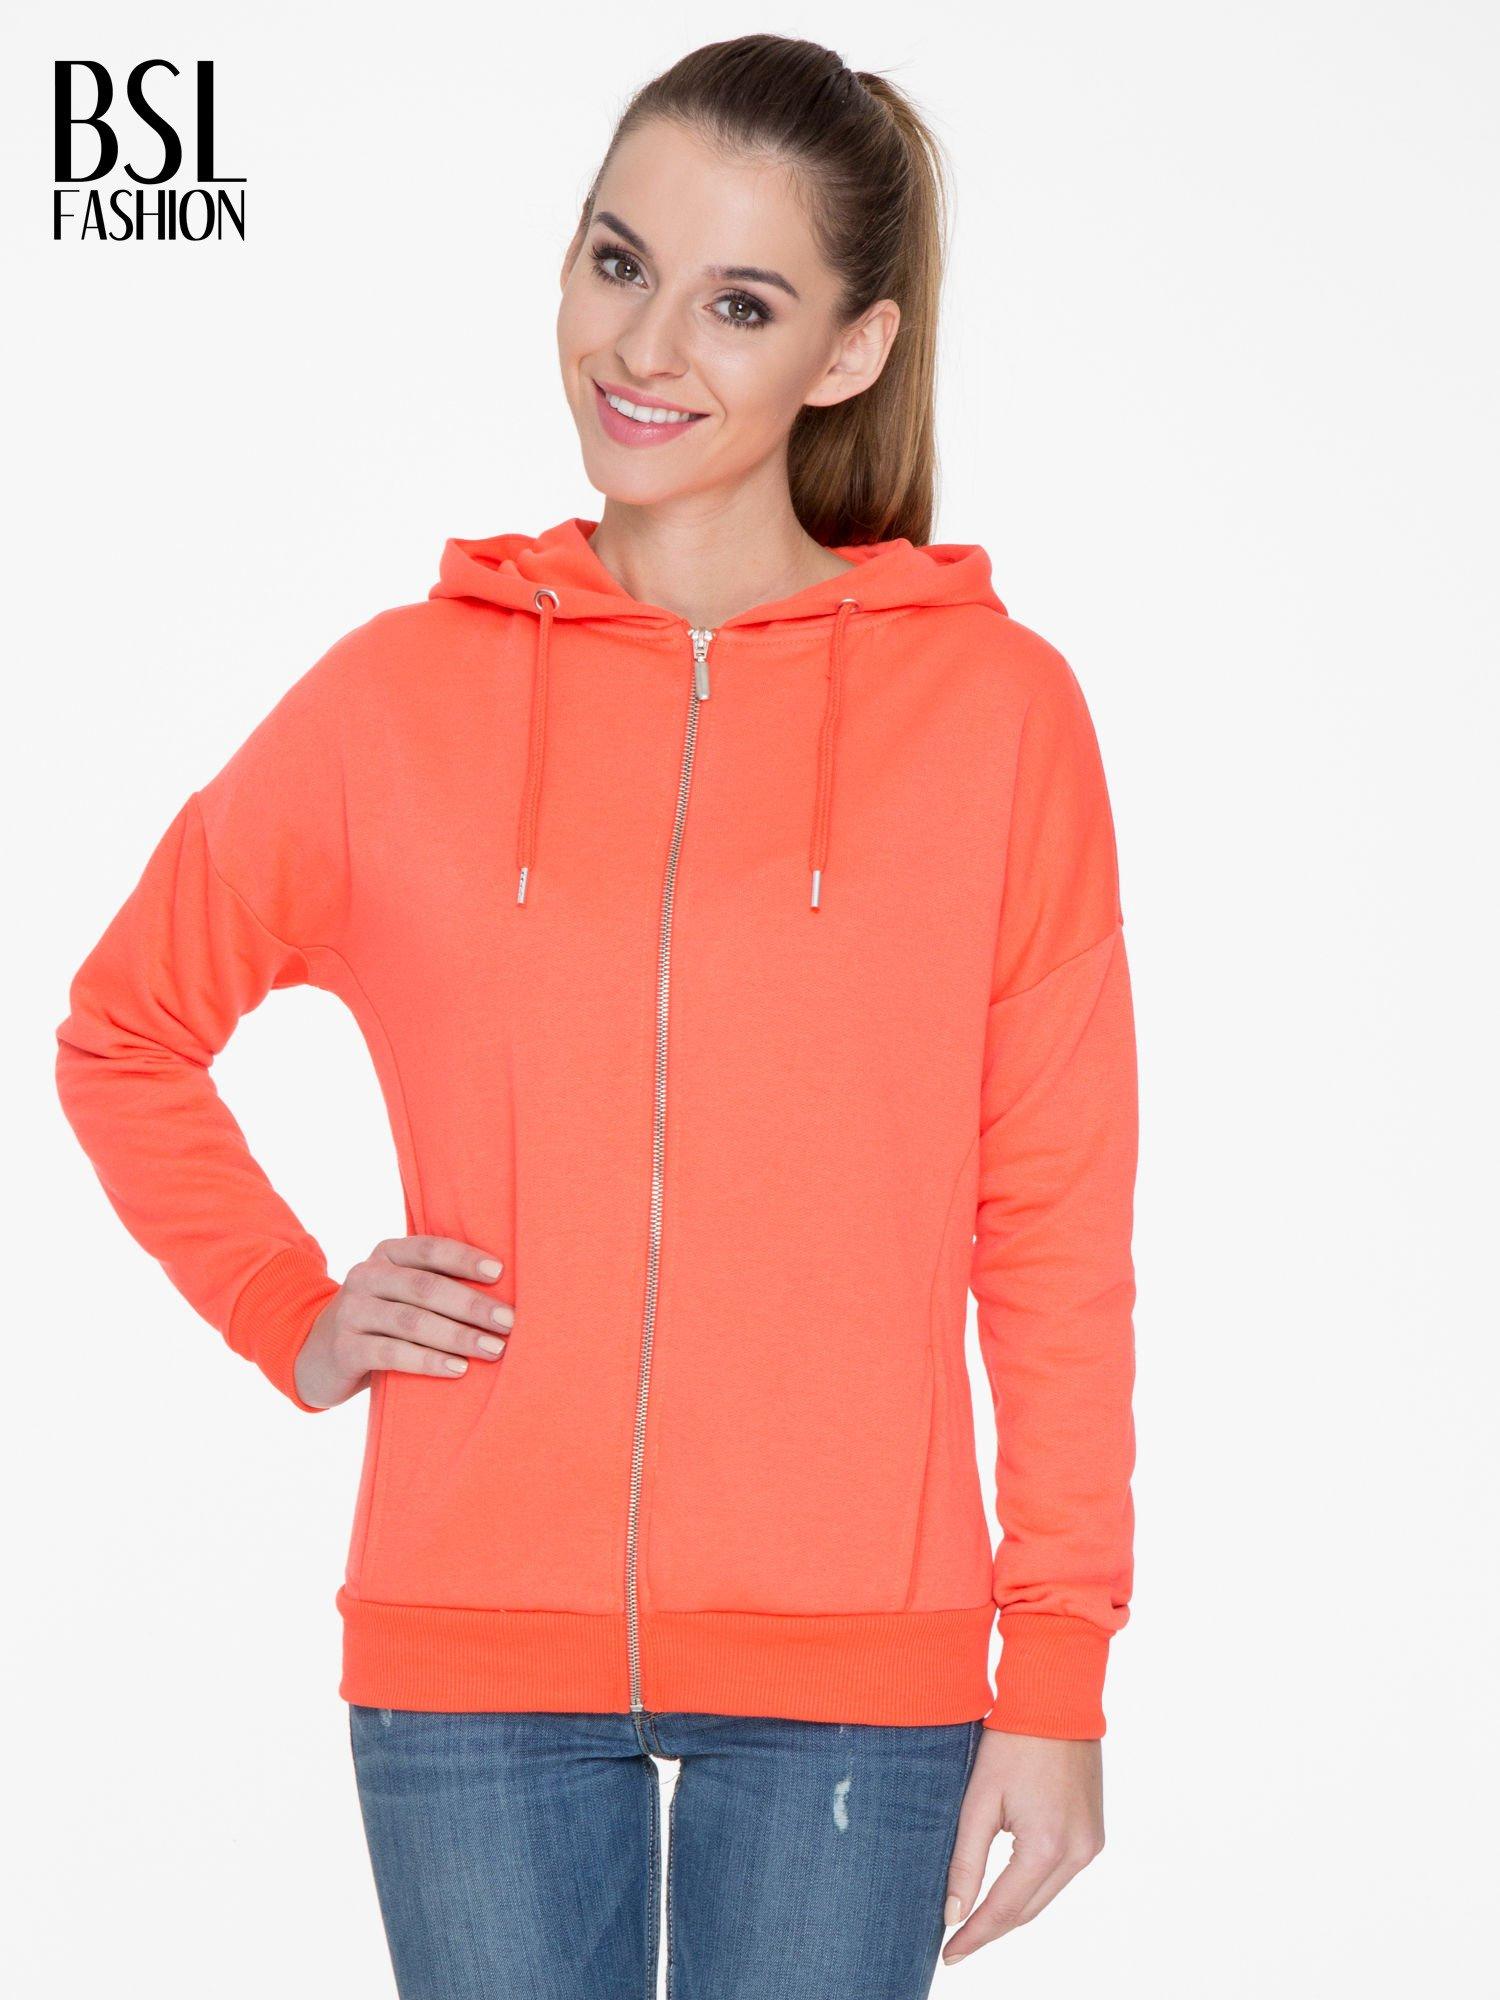 Pomarańczowa bluza damska z kapturem zasuwana na suwak                                  zdj.                                  1